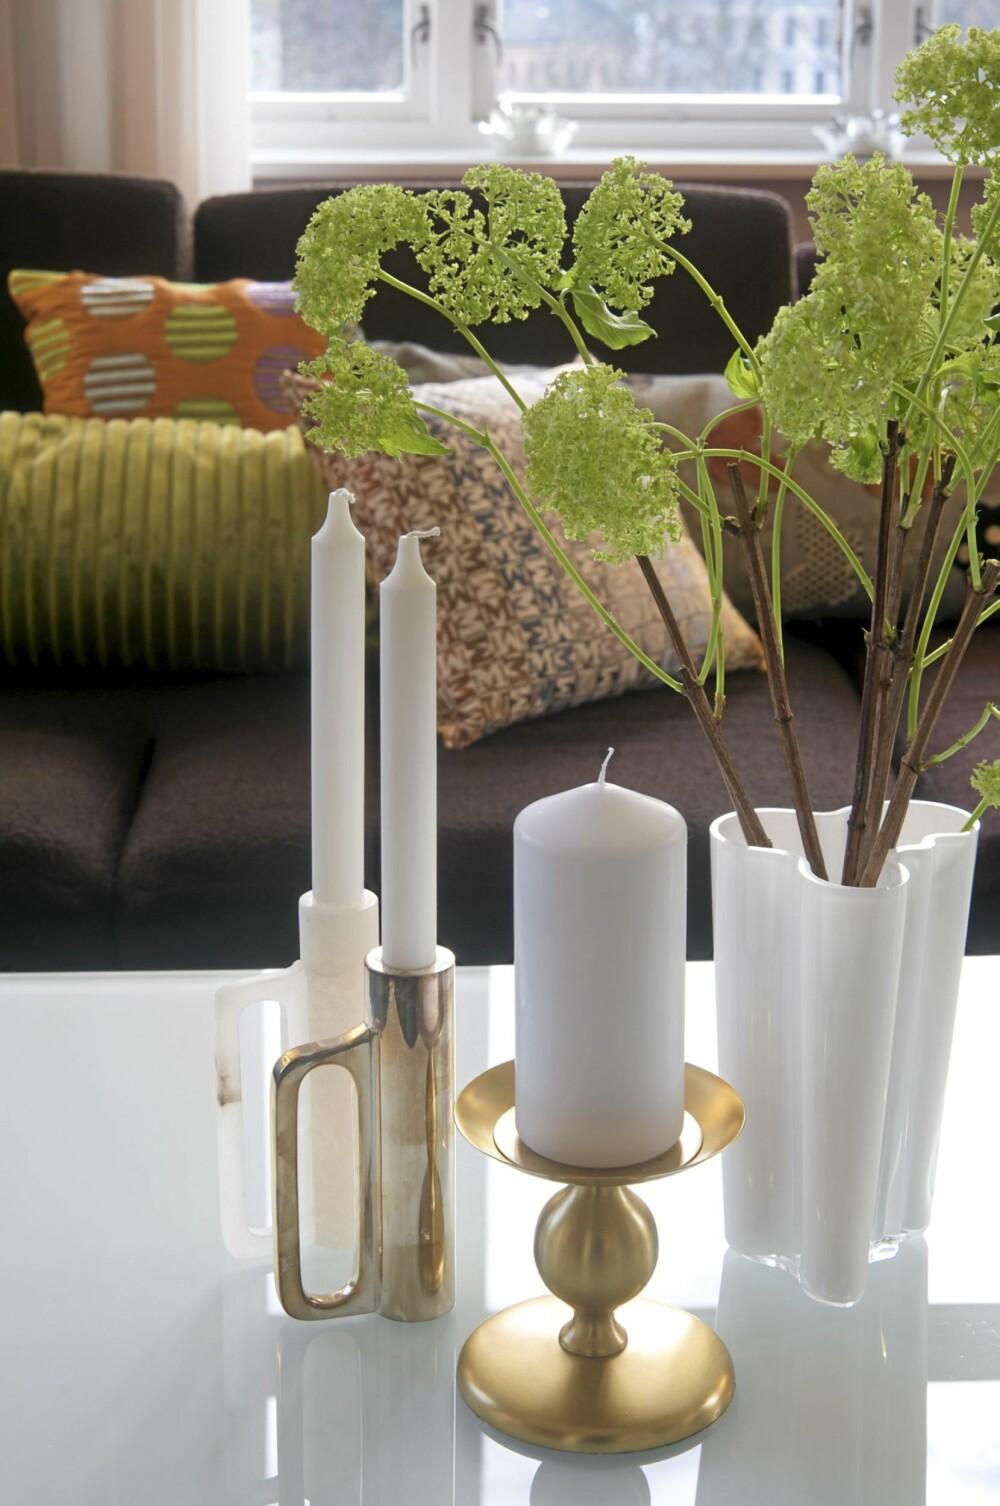 DELIKAT PÅ BORDET: Lysestakene er designobjekter som matsjer det skinnende Sovet glassbordet.